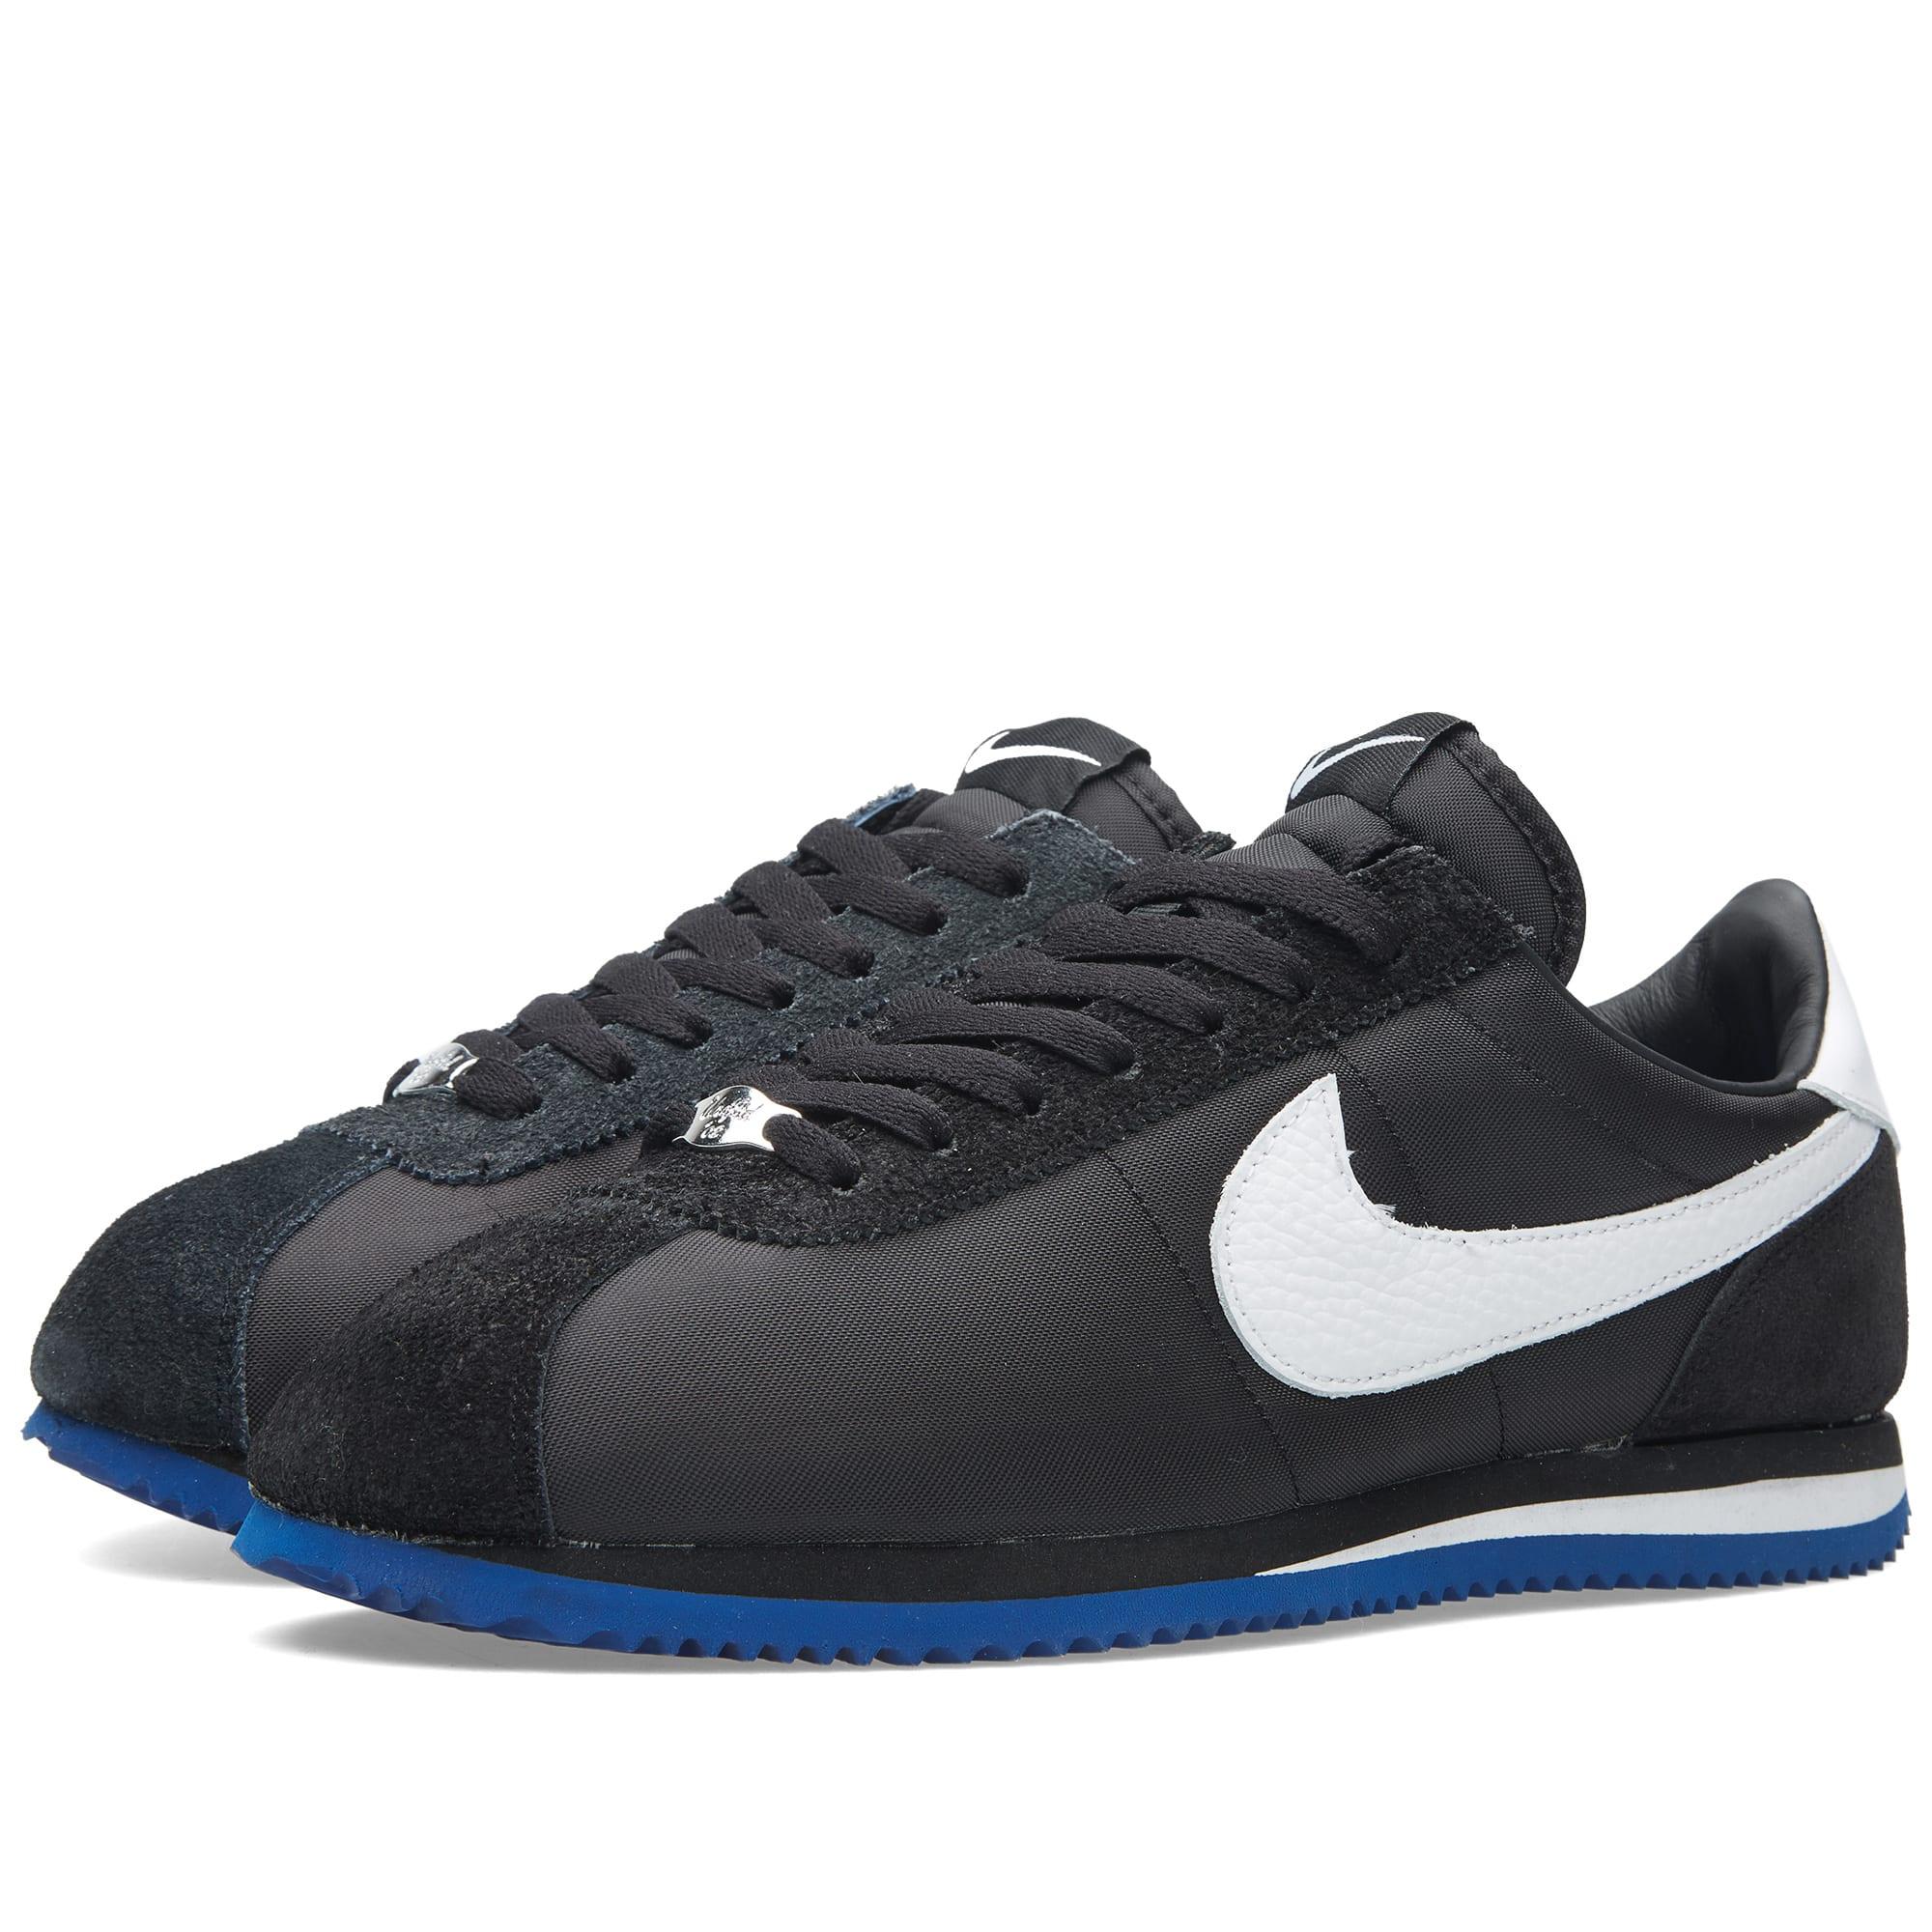 low priced 1554c f77cc Nike x UNDFTD Cortez Basic SP